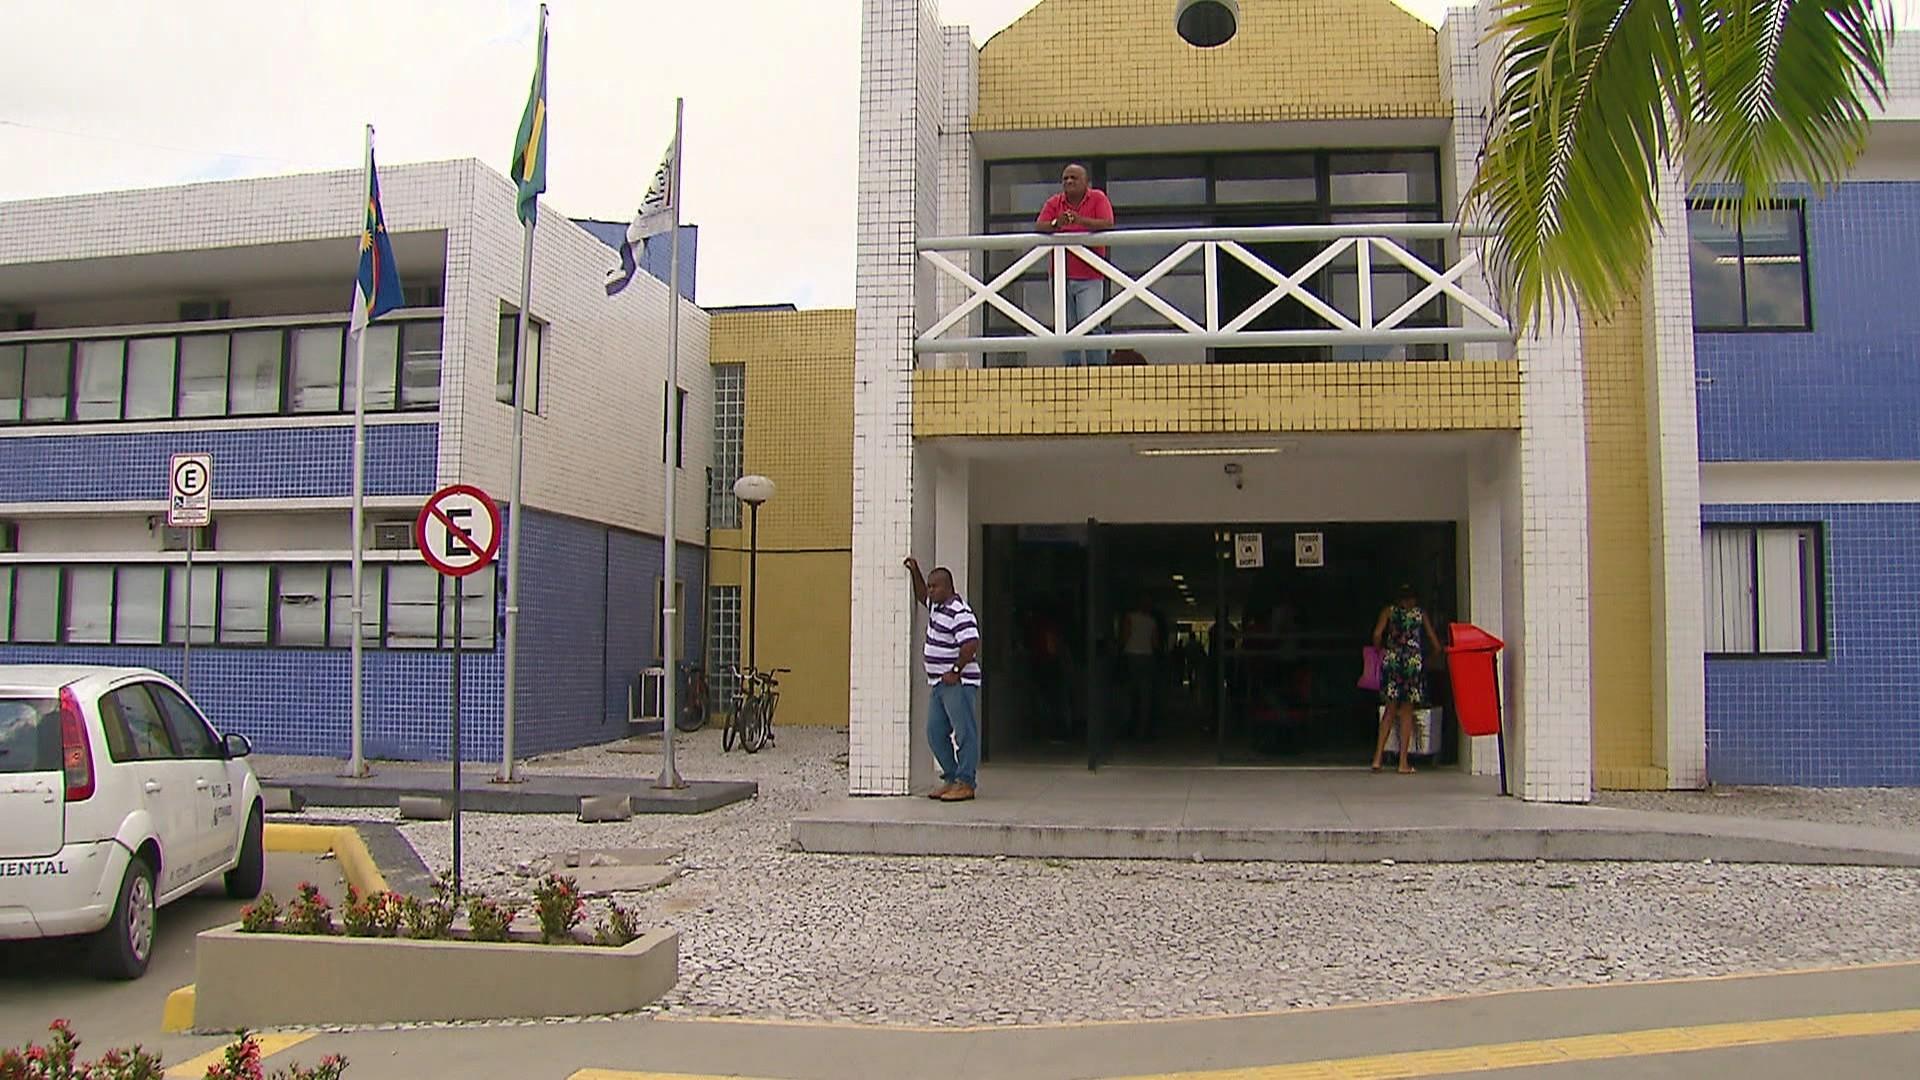 Decreto autoriza reabertura gradual de shopping, igrejas e academias de ginástica no Cabo de Santo Agostinho